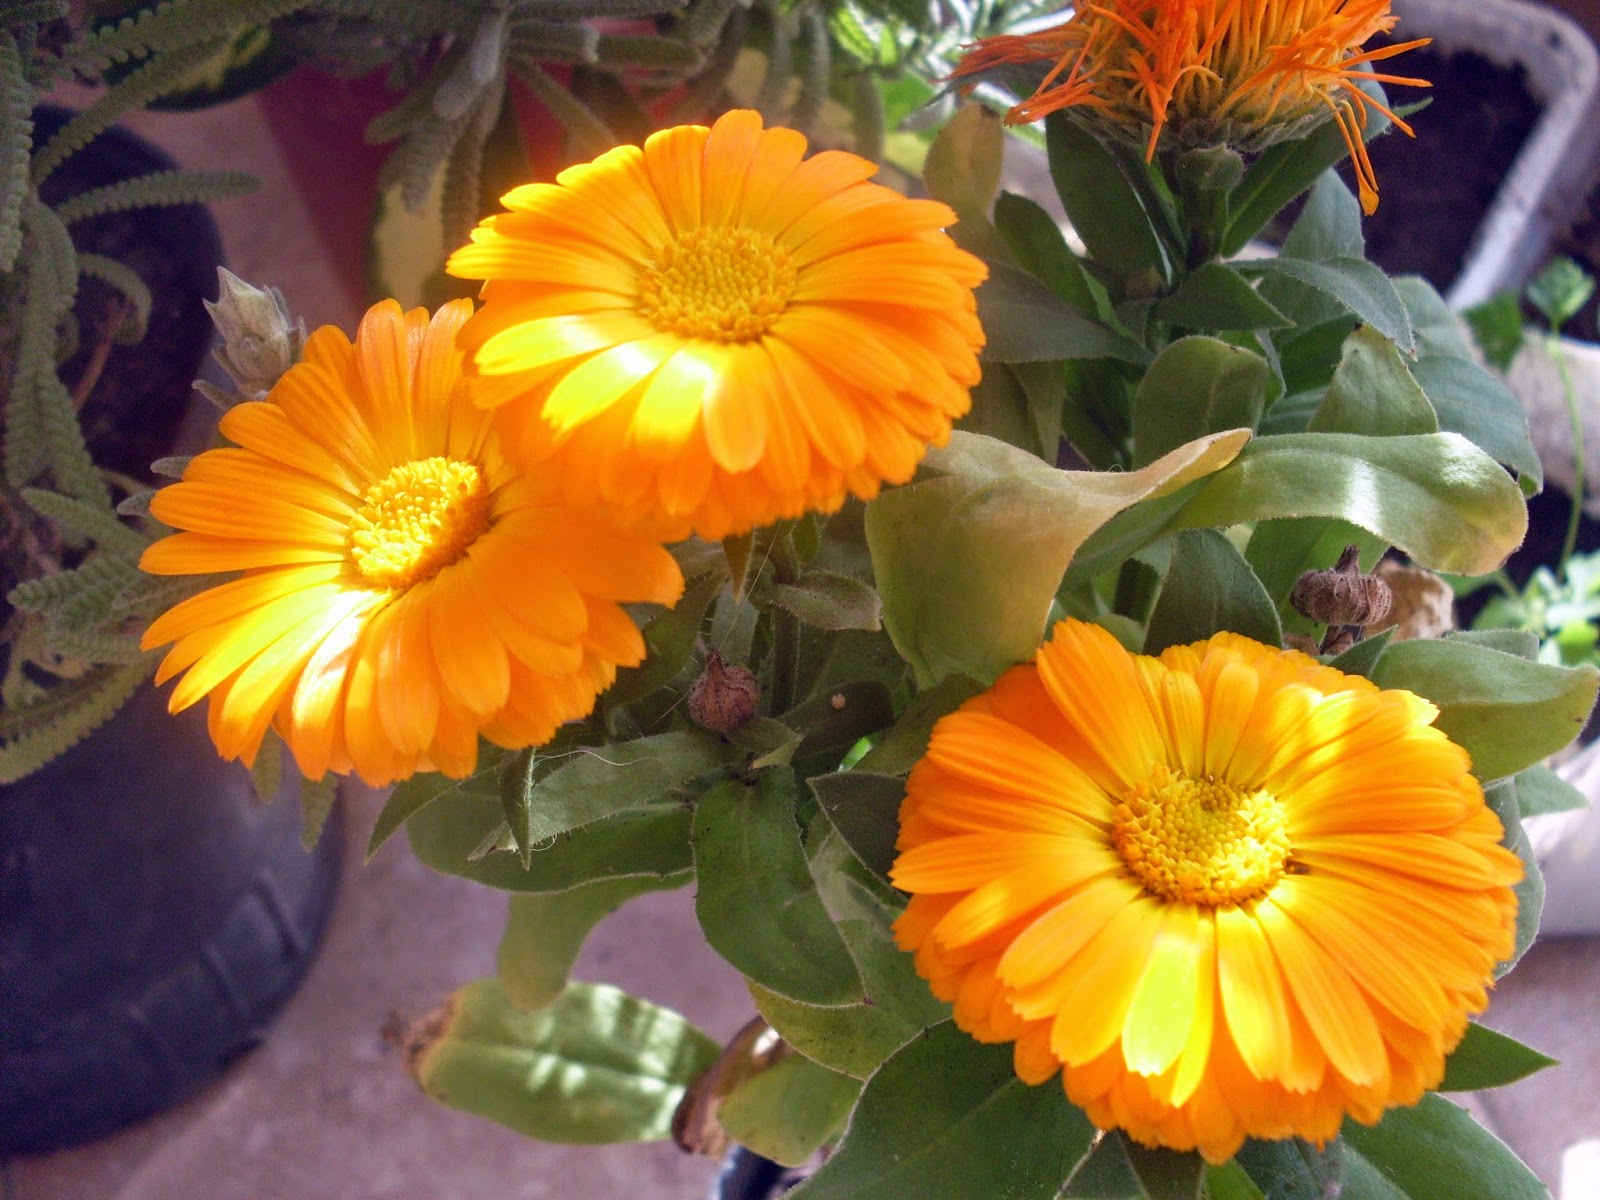 Shaman repelentes naturales plantas arom ticas - Plantas ahuyenta insectos ...